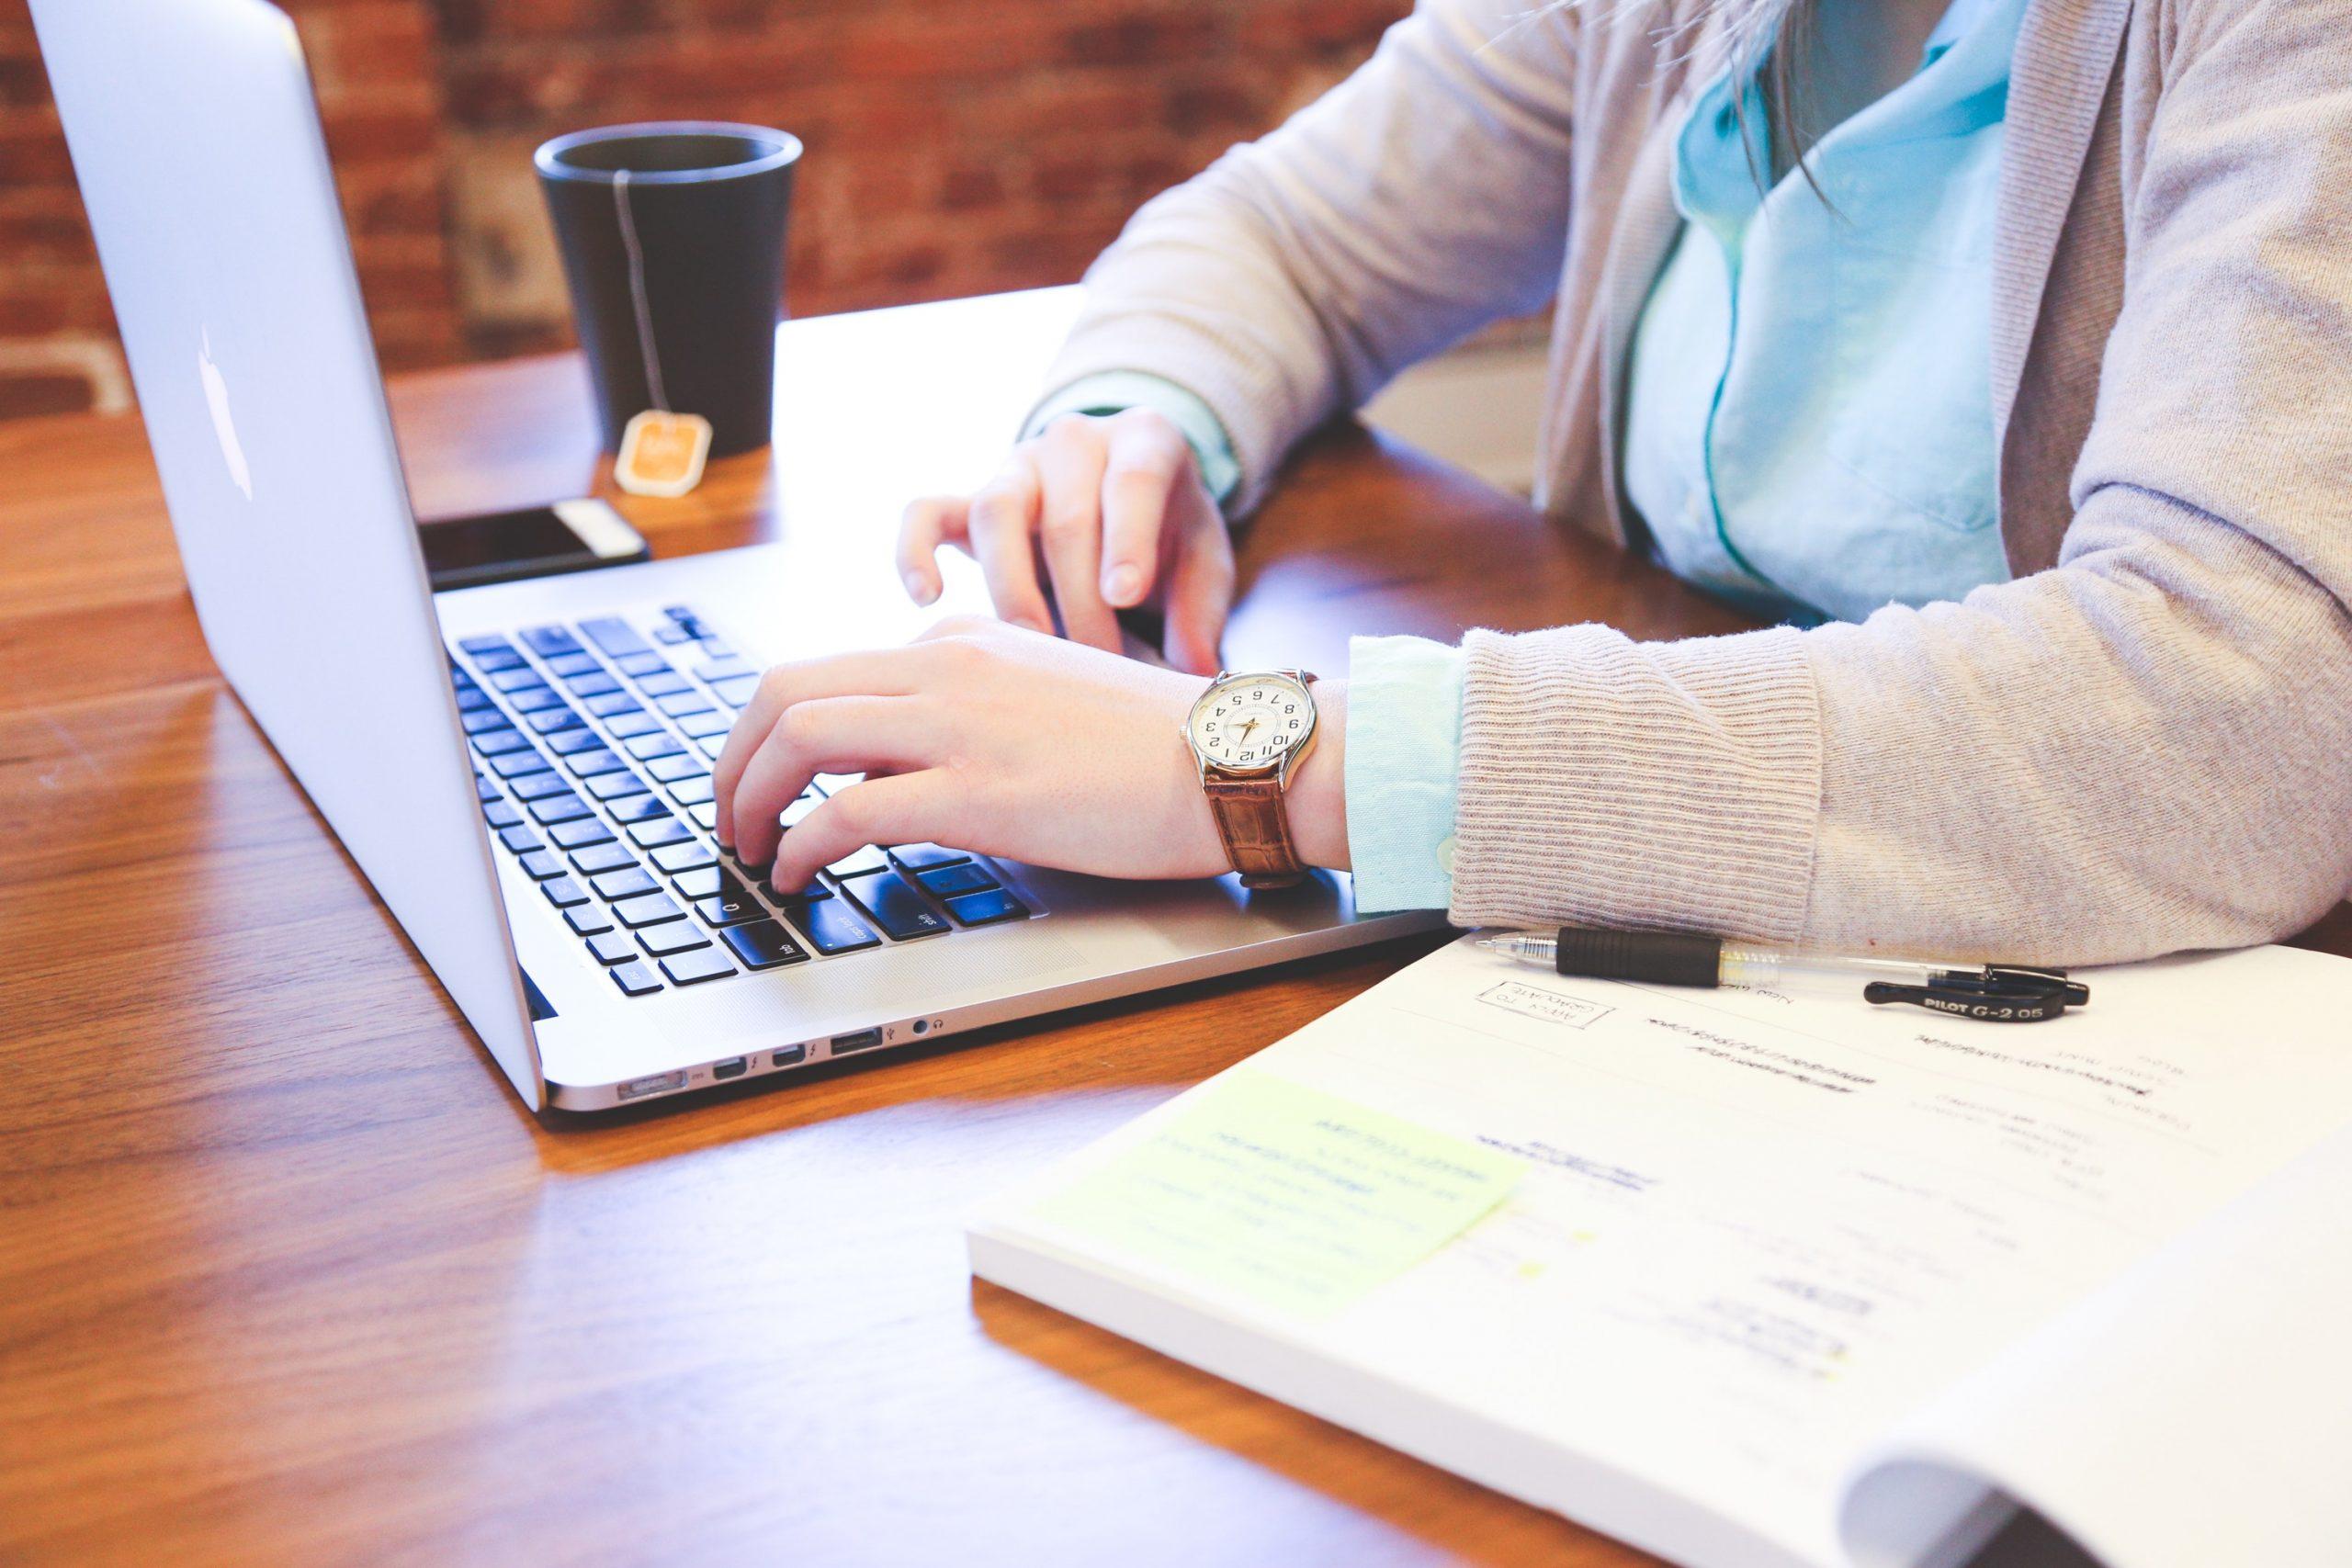 De voordelen van E-learning in de zorg